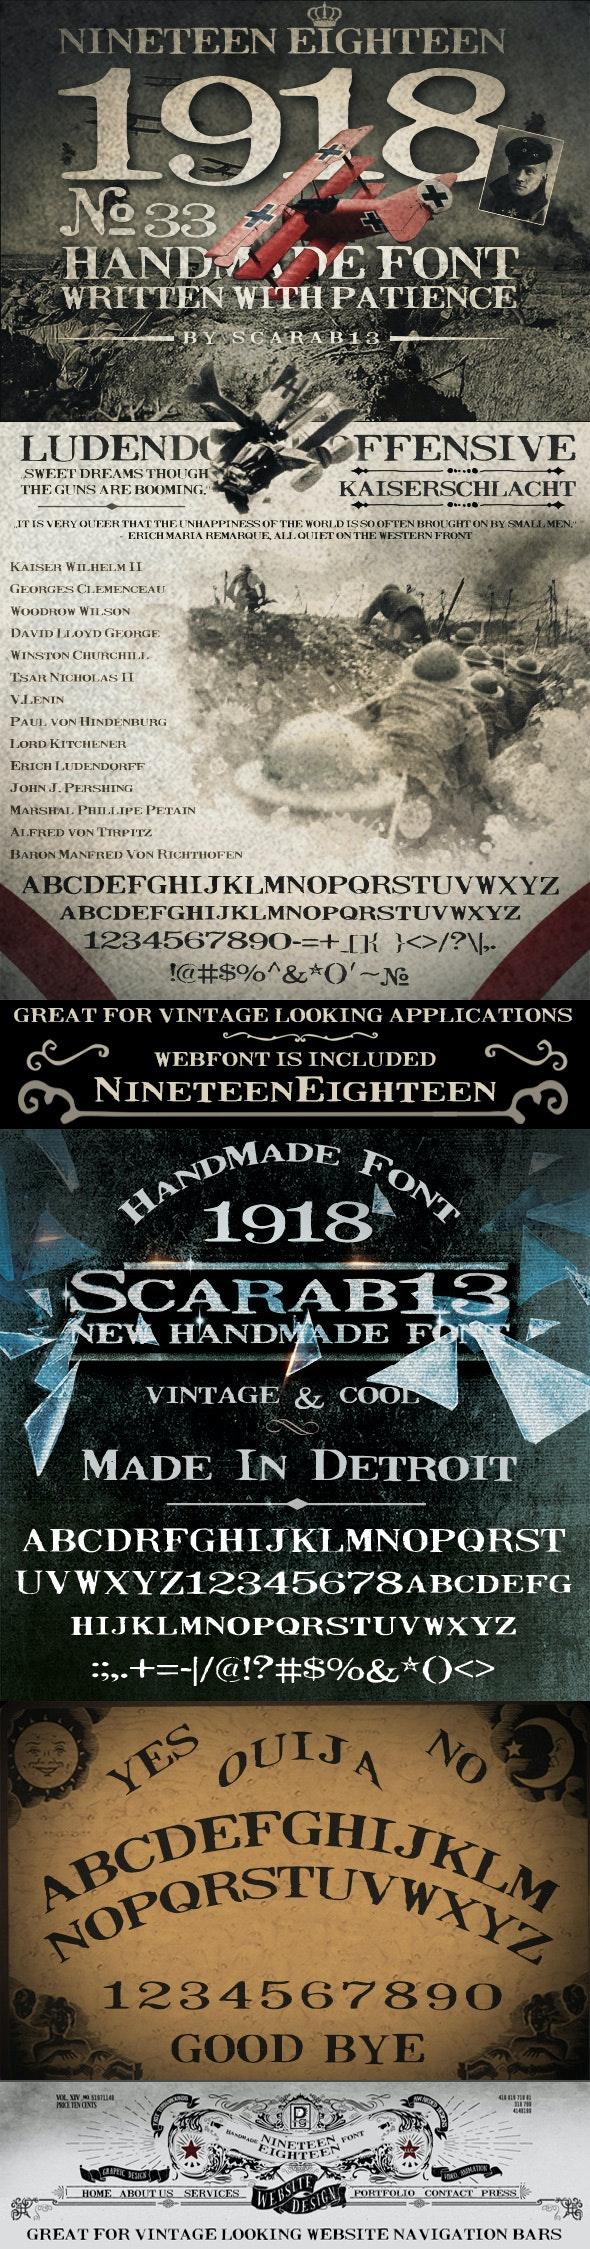 Handmade Font NineteenEighteen 1918 - Serif Fonts